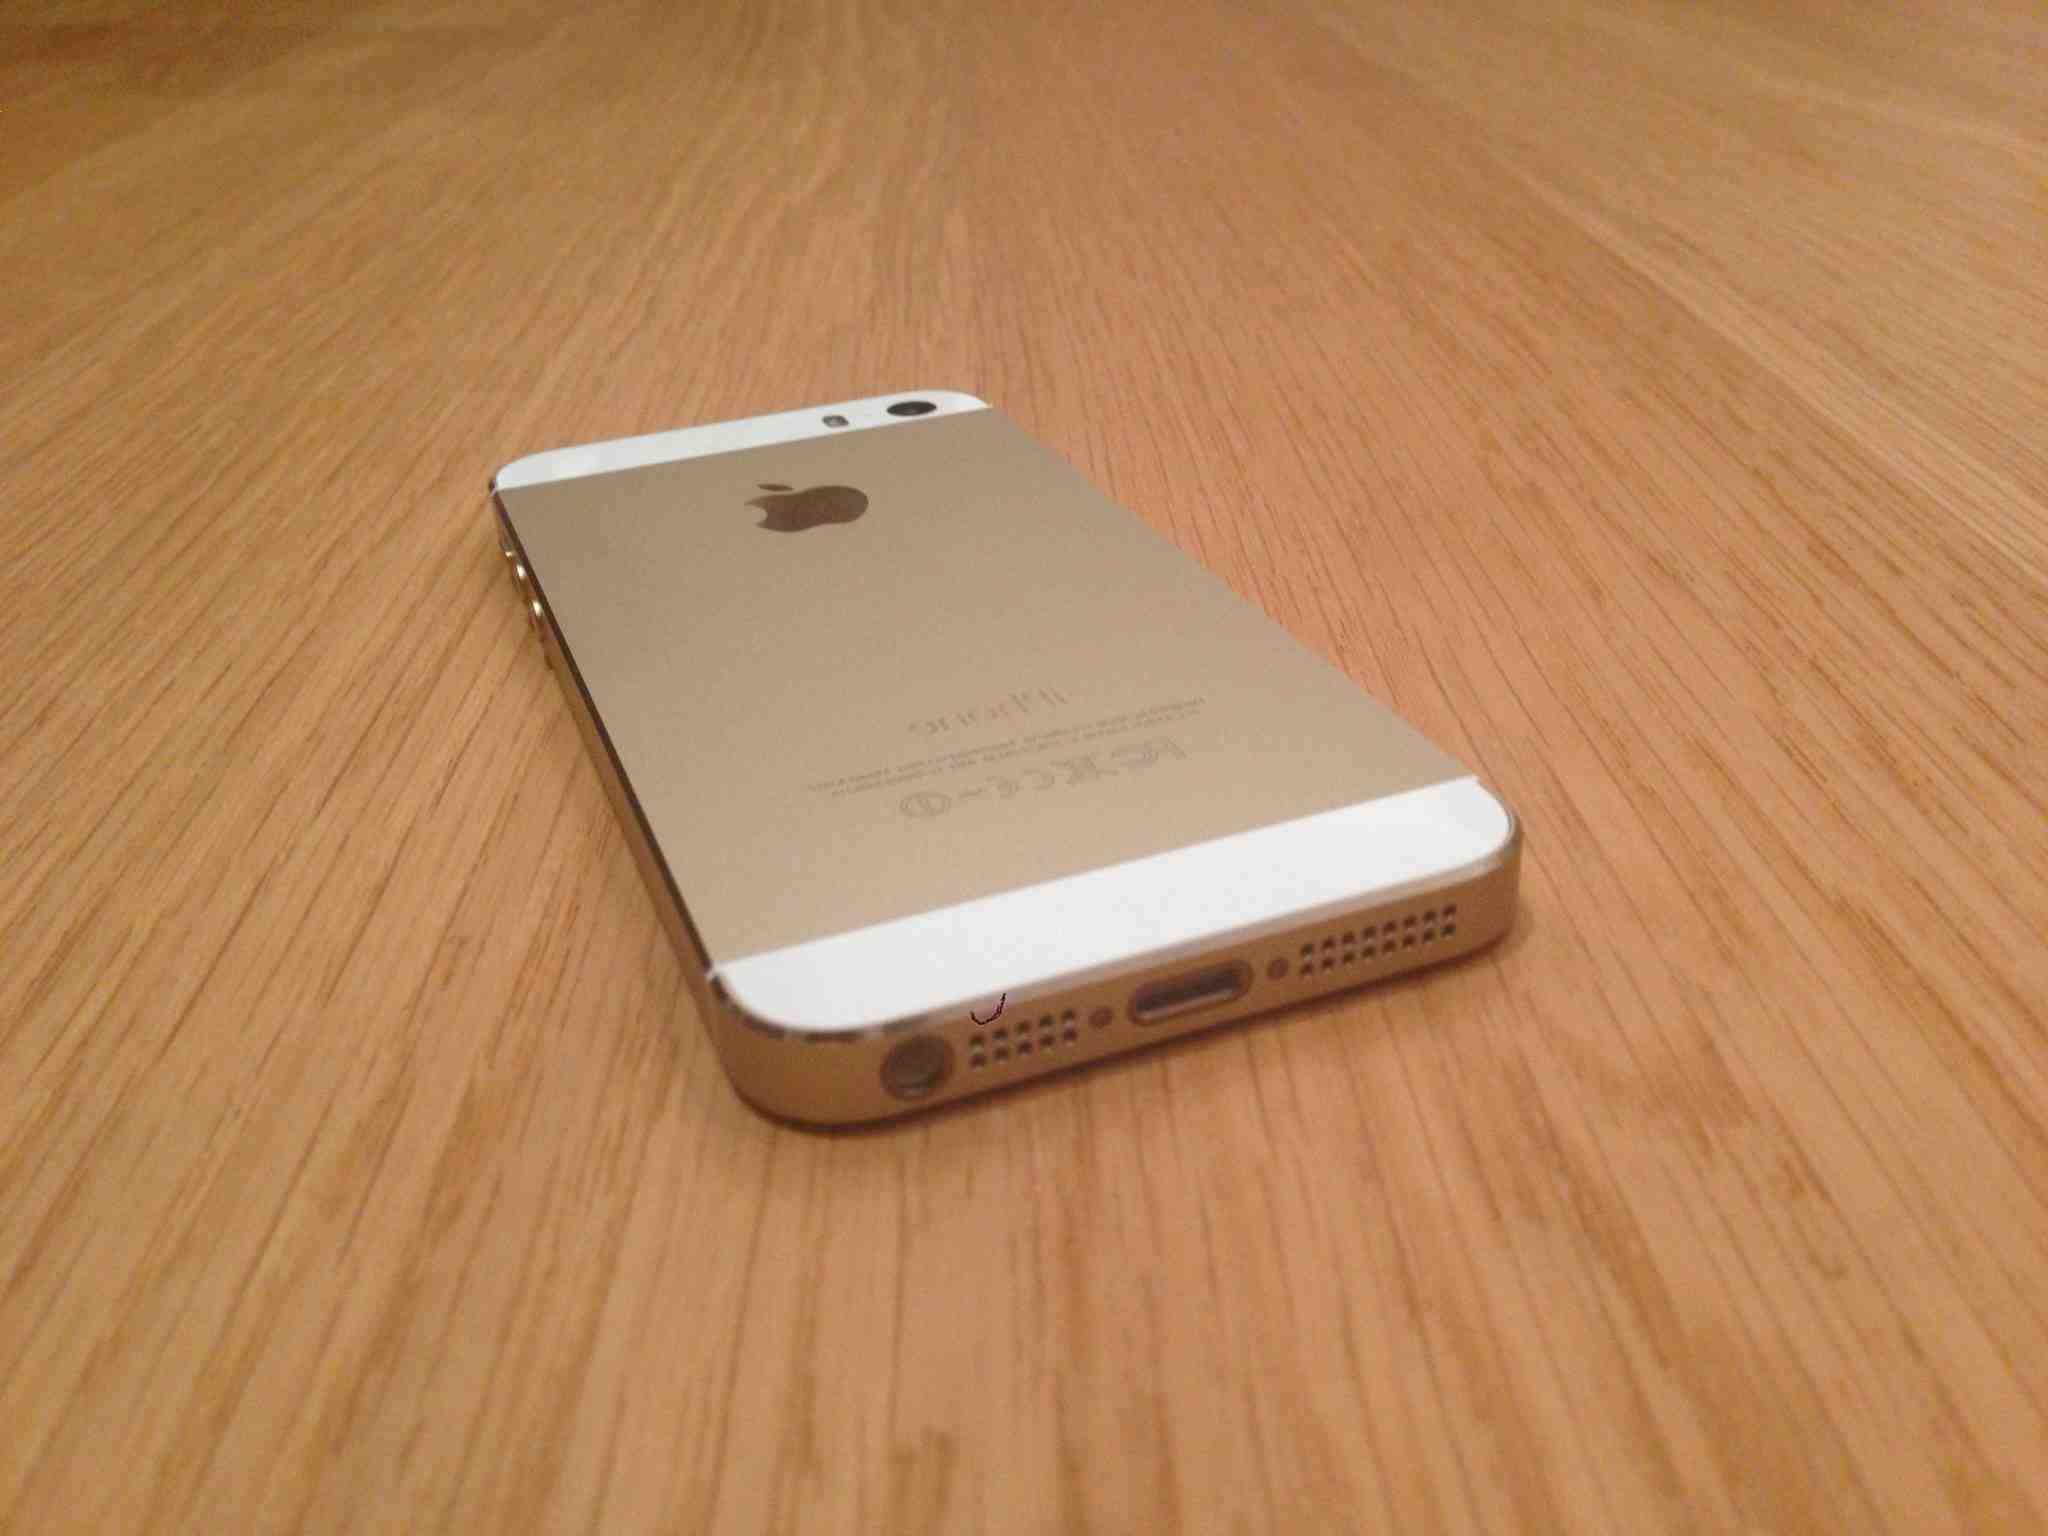 L'Iphone 5 se fige constamment